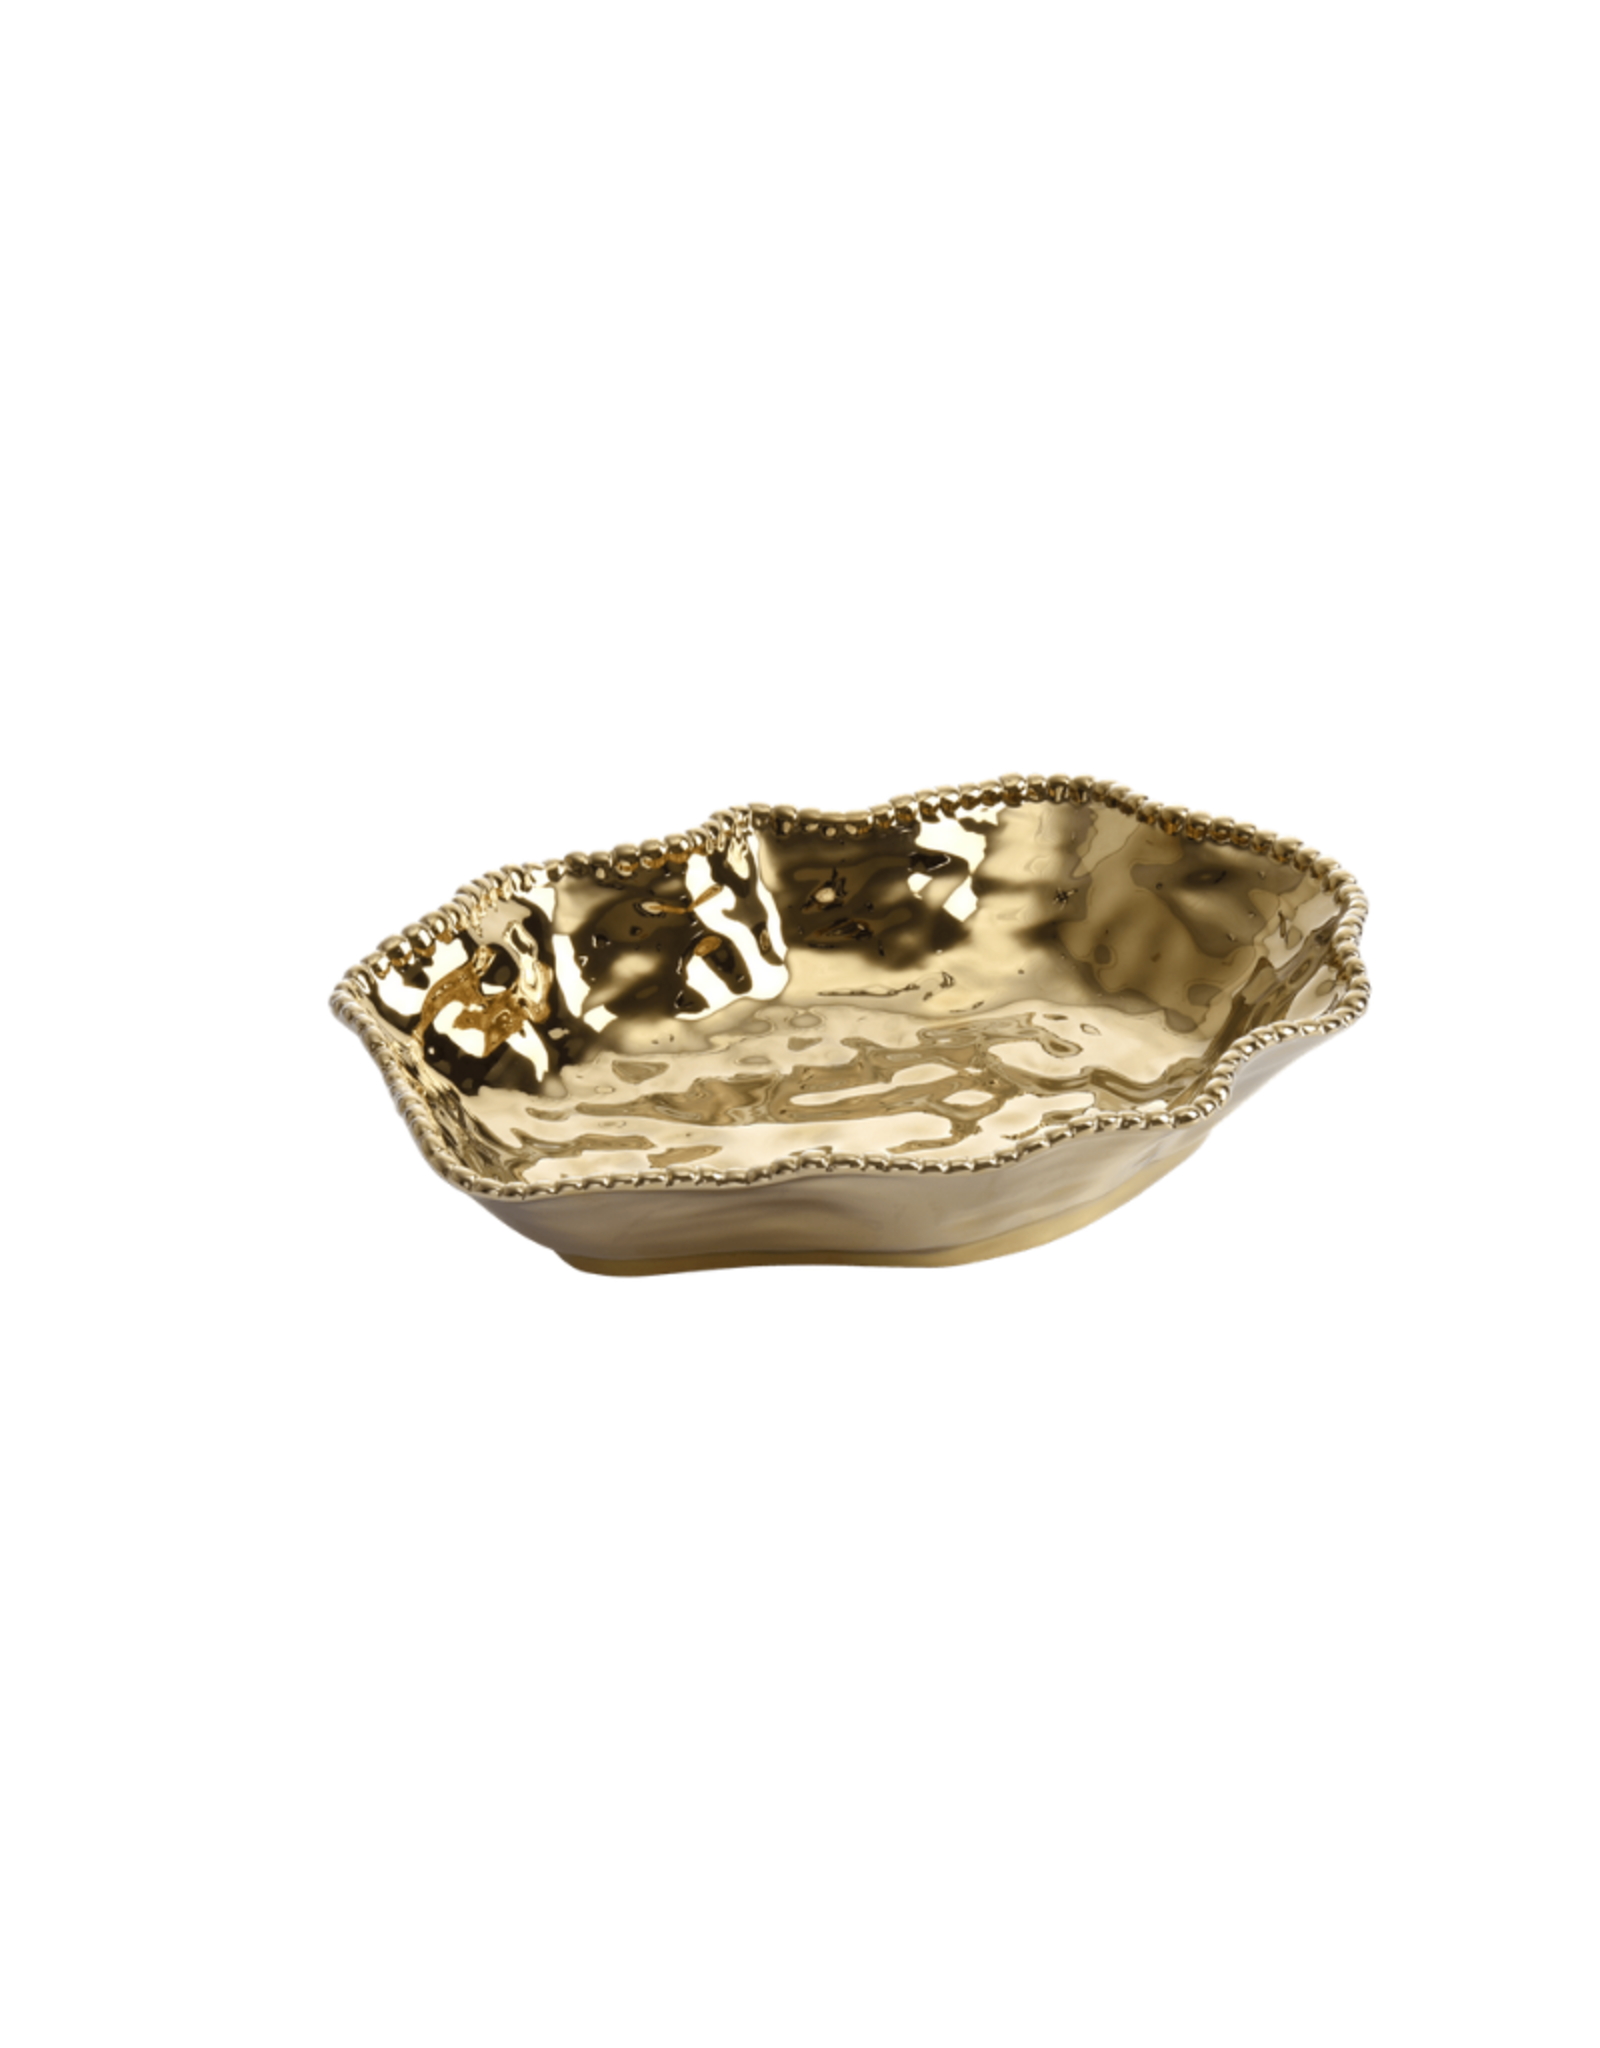 Porcelain Gold Serving Bowl